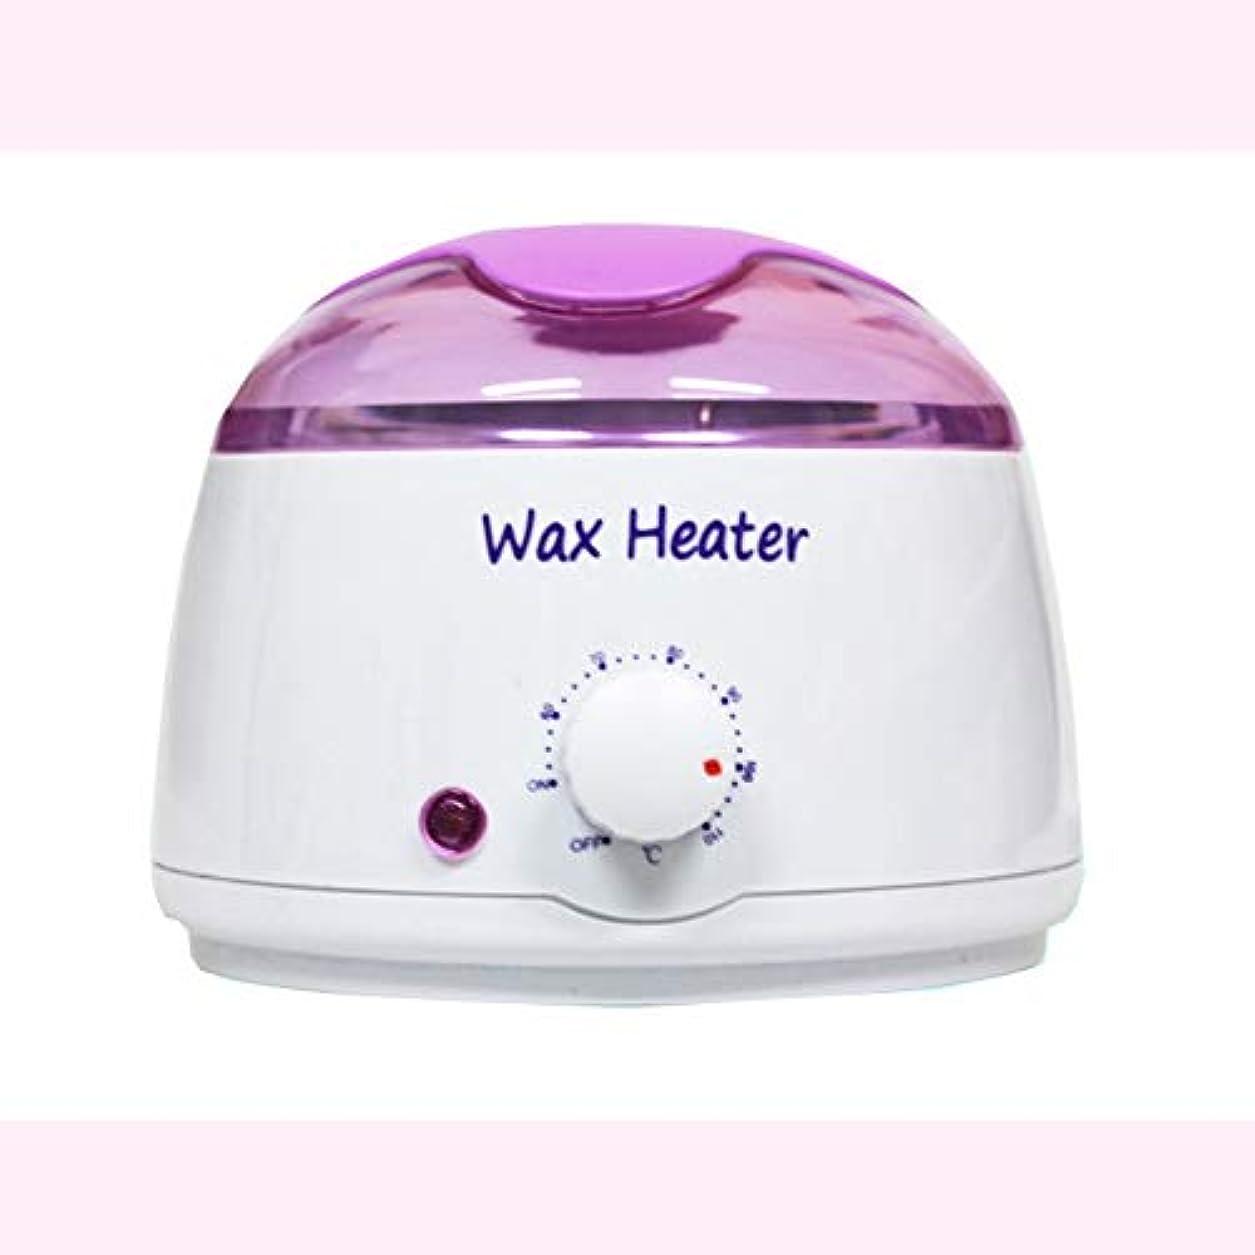 会計士紫の生息地専門の電気ワックスのウォーマーおよびヒーター、女性/人のための毛の取り外しの家のワックスのためのワックスのメルターは小型多機能のワックス機械を熱します